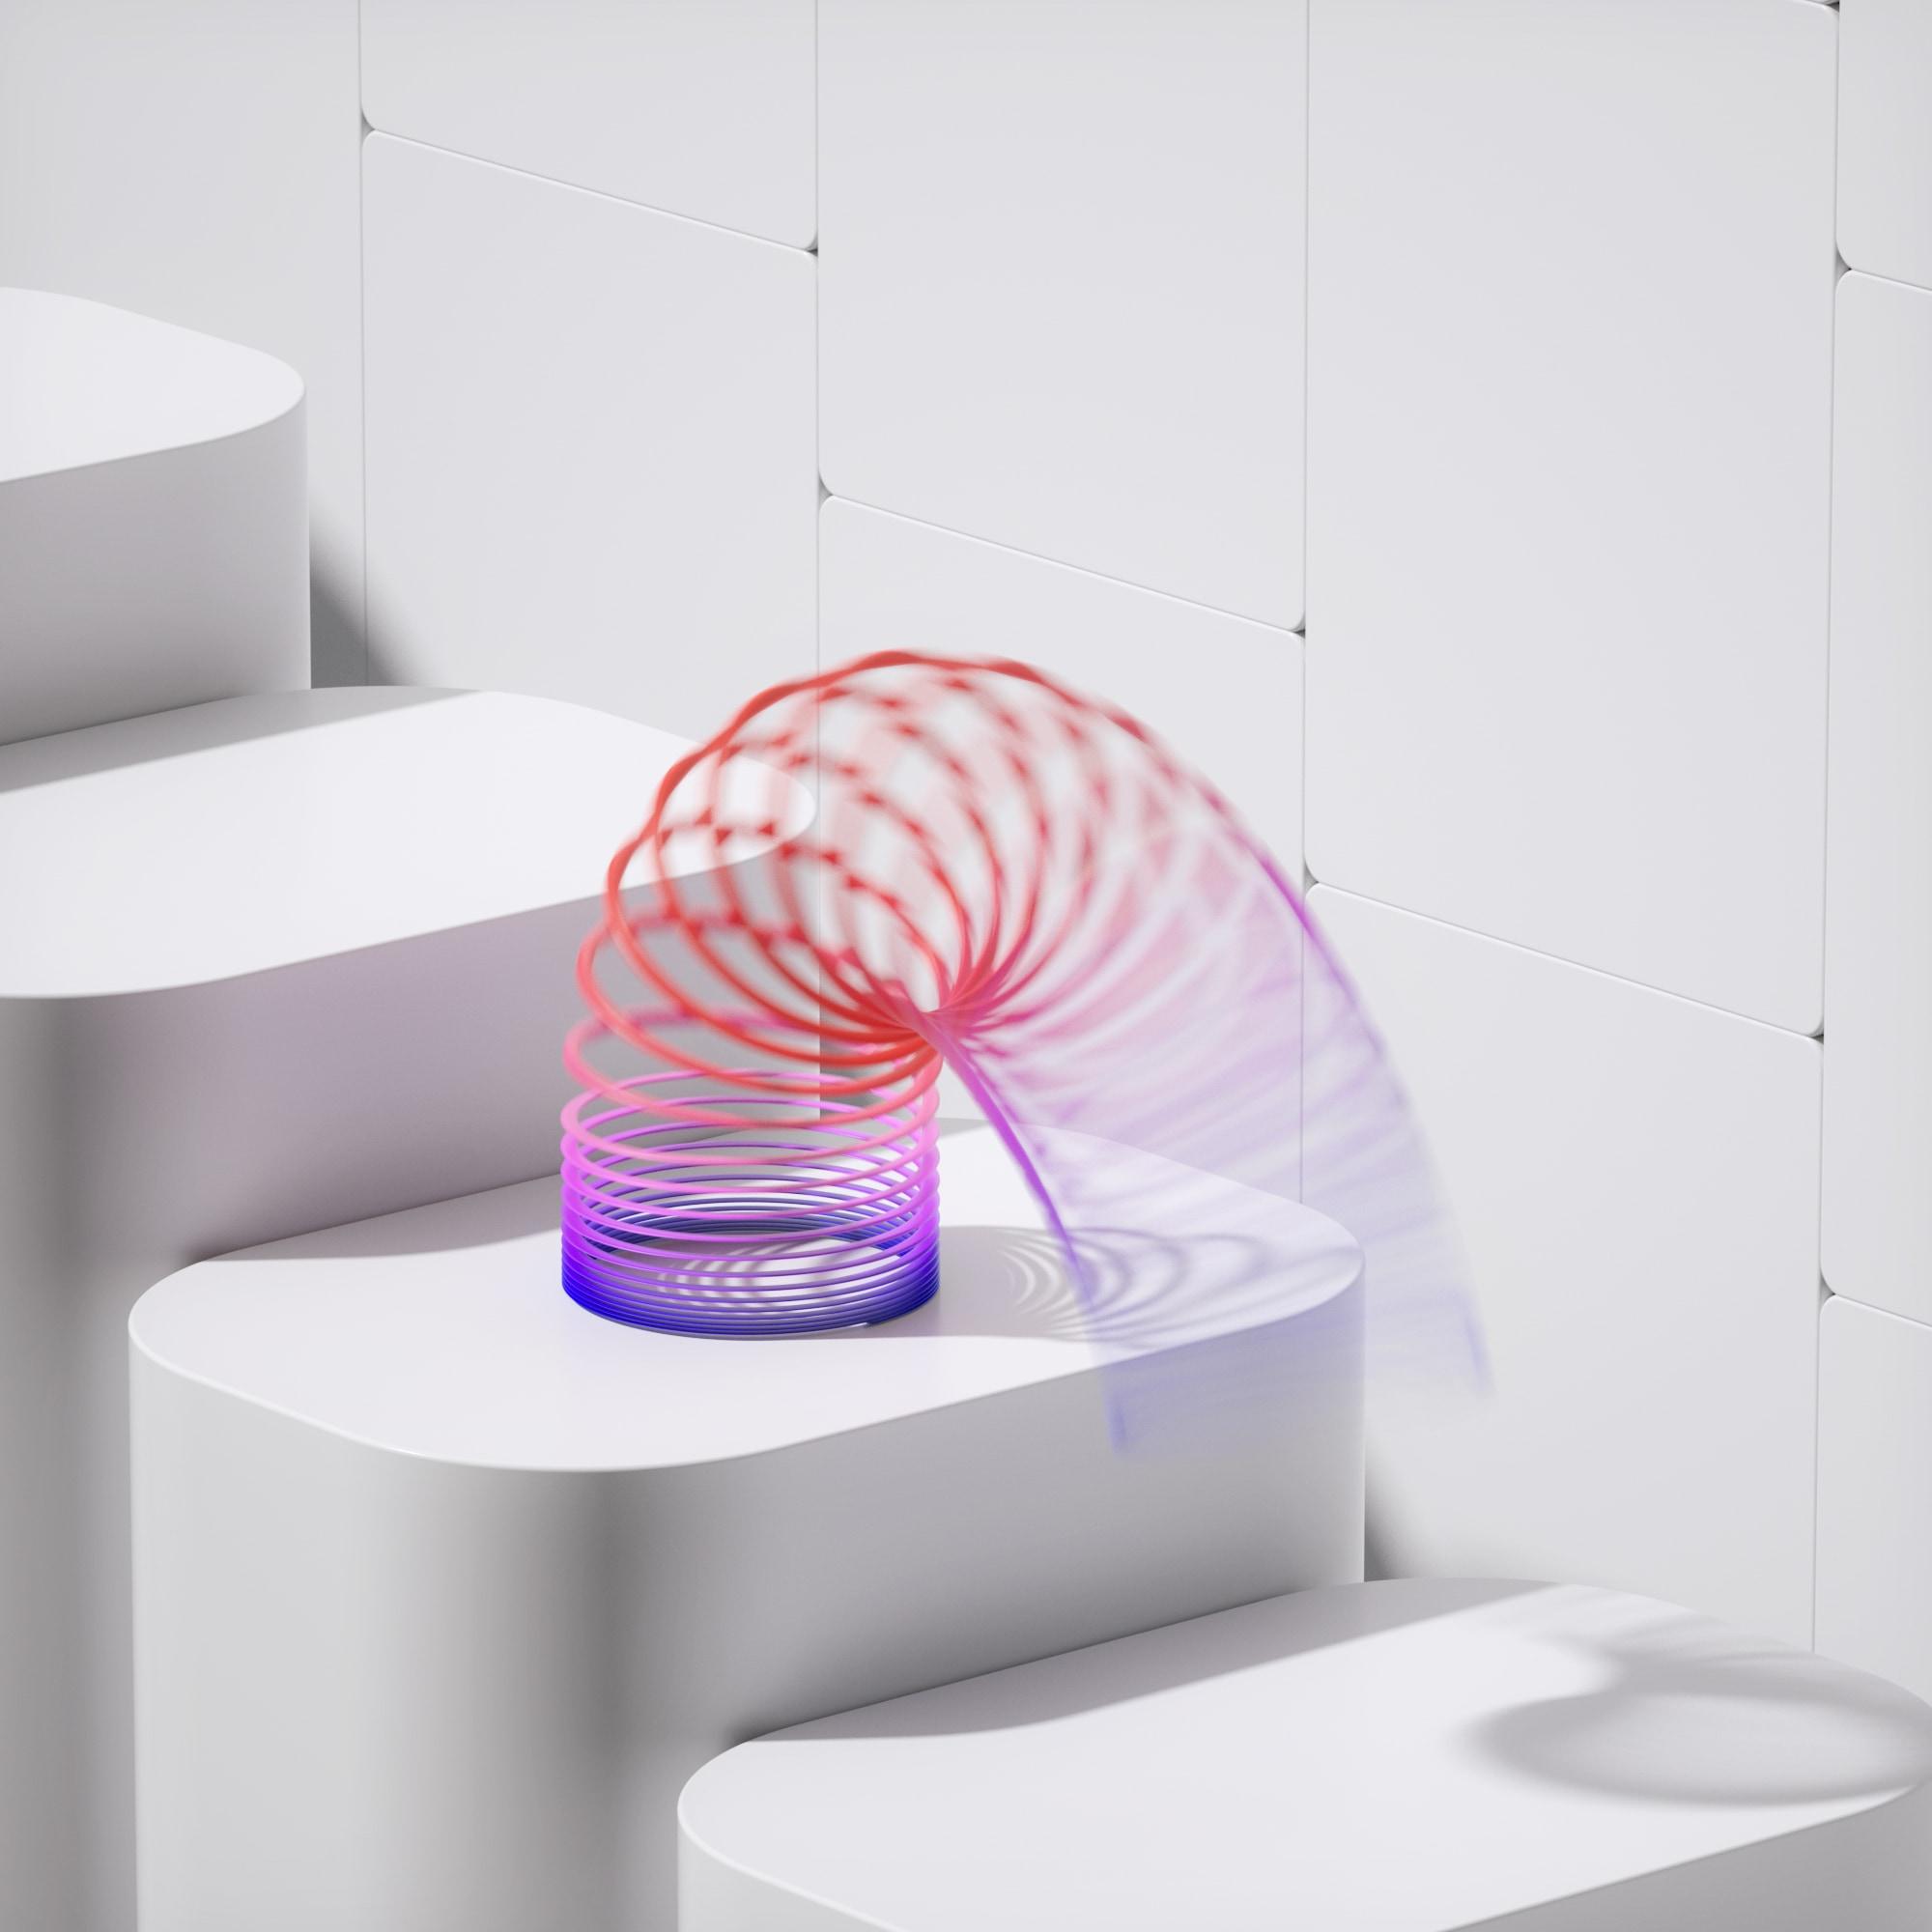 Slinky Nostalgia in 3D